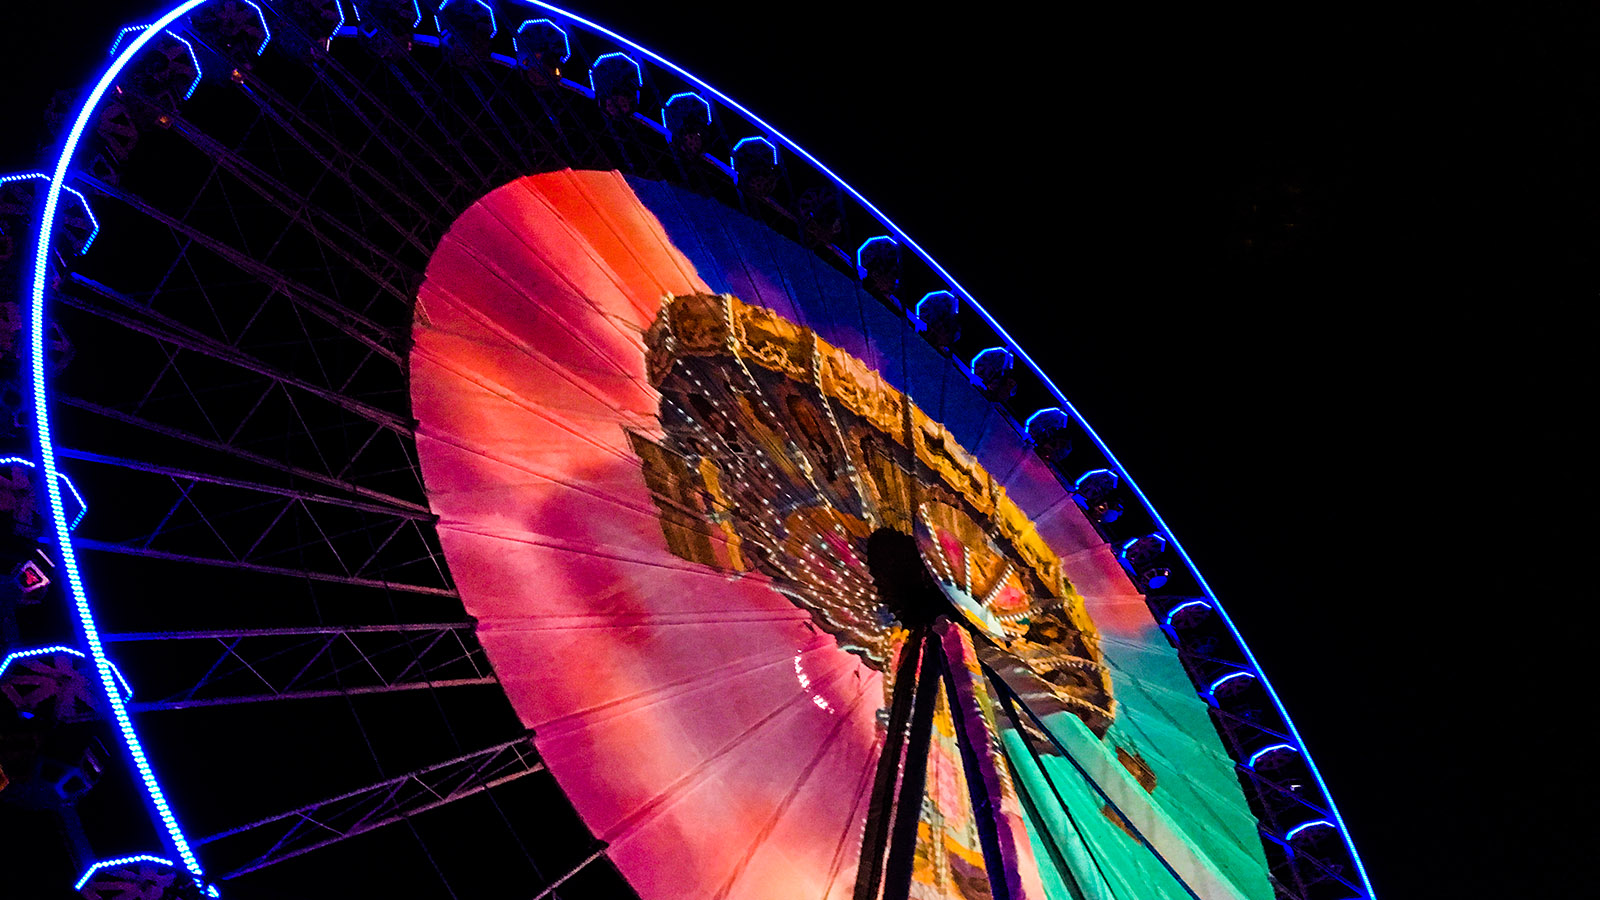 Fête des Lumières: Auf dem Riesenrad erzählt die Illumination die Geschichte einer Reise. Foto: Hilke Maunder